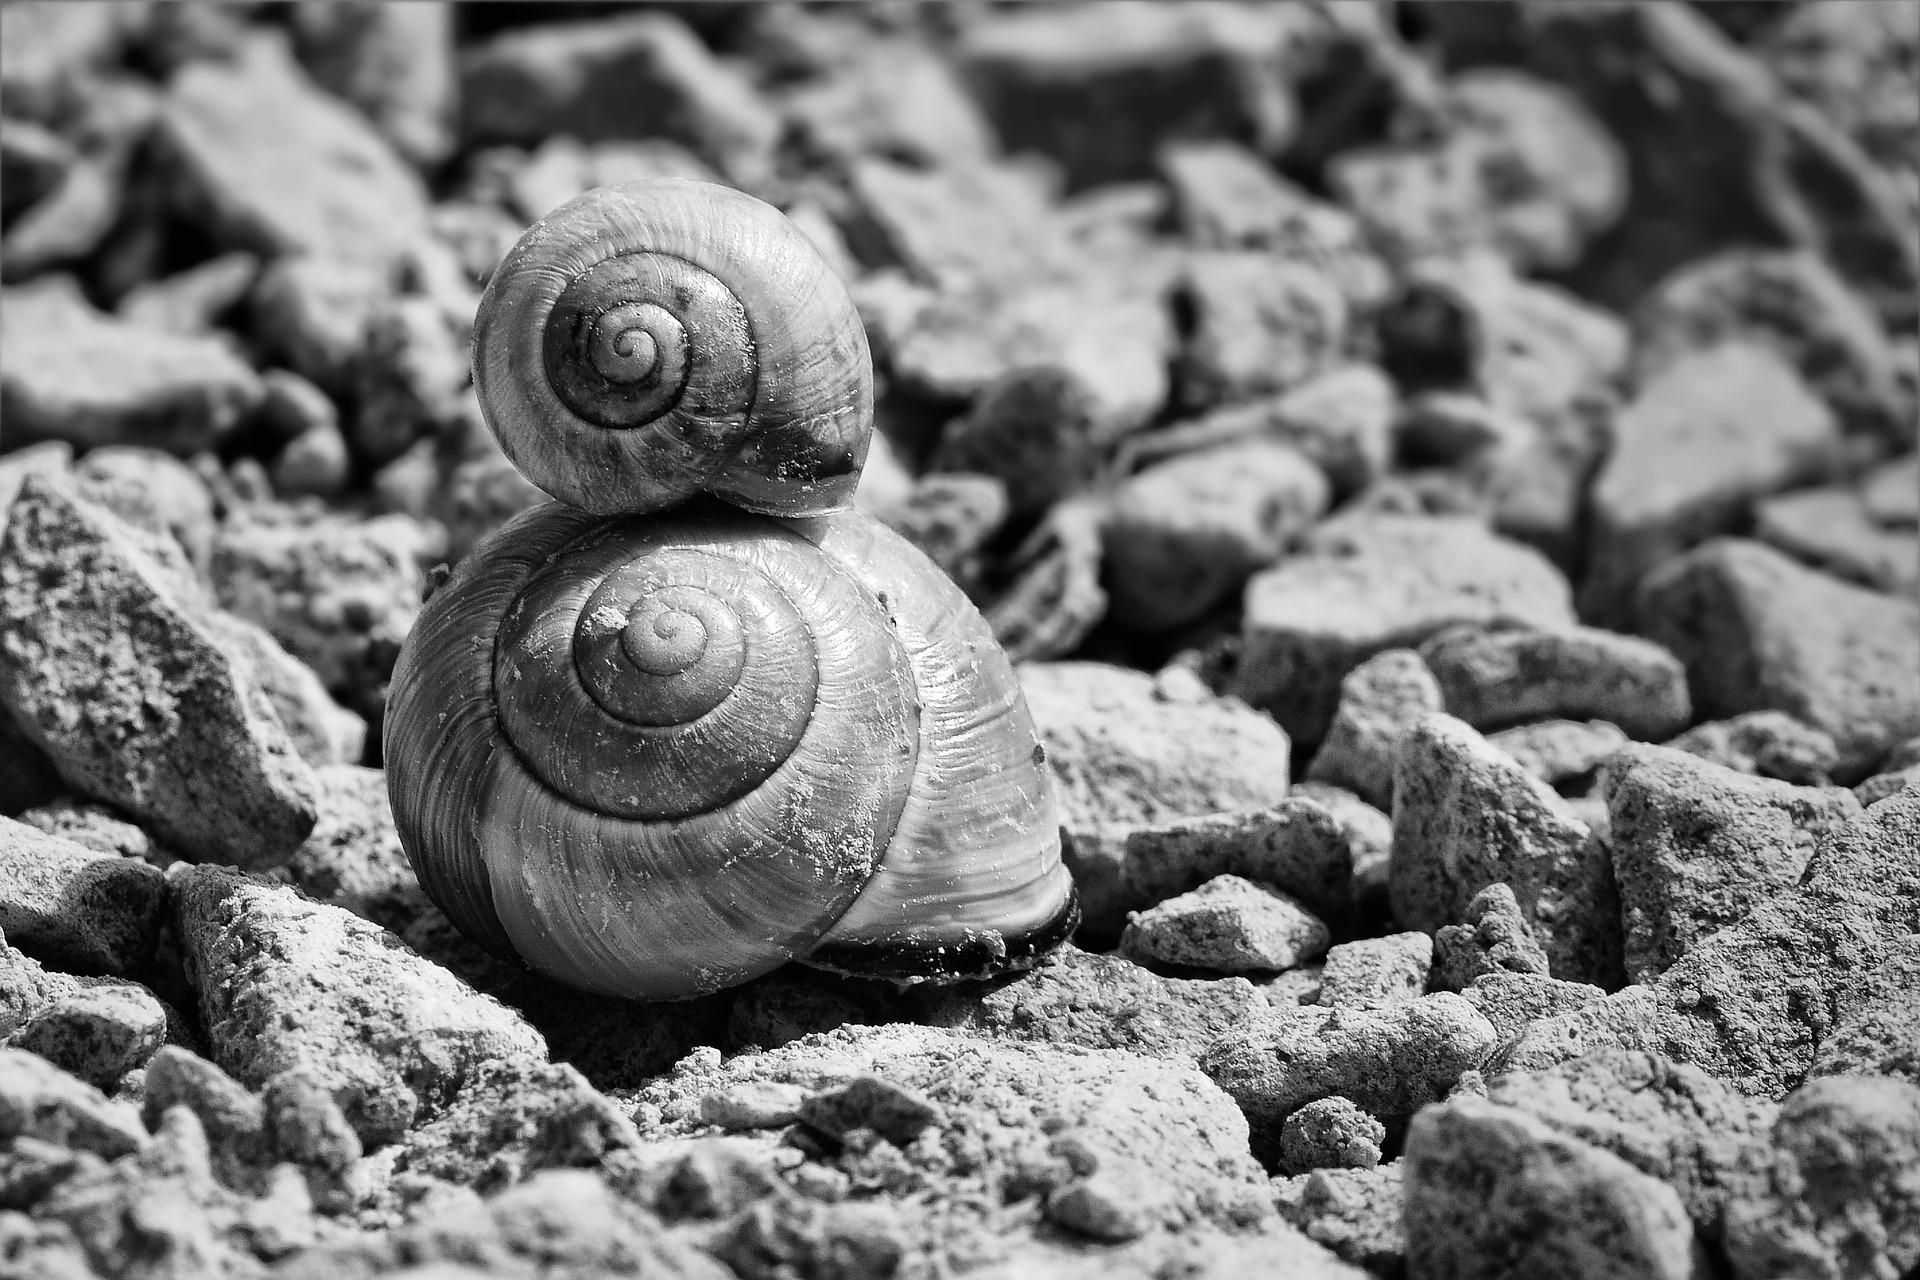 snails-700868_1920